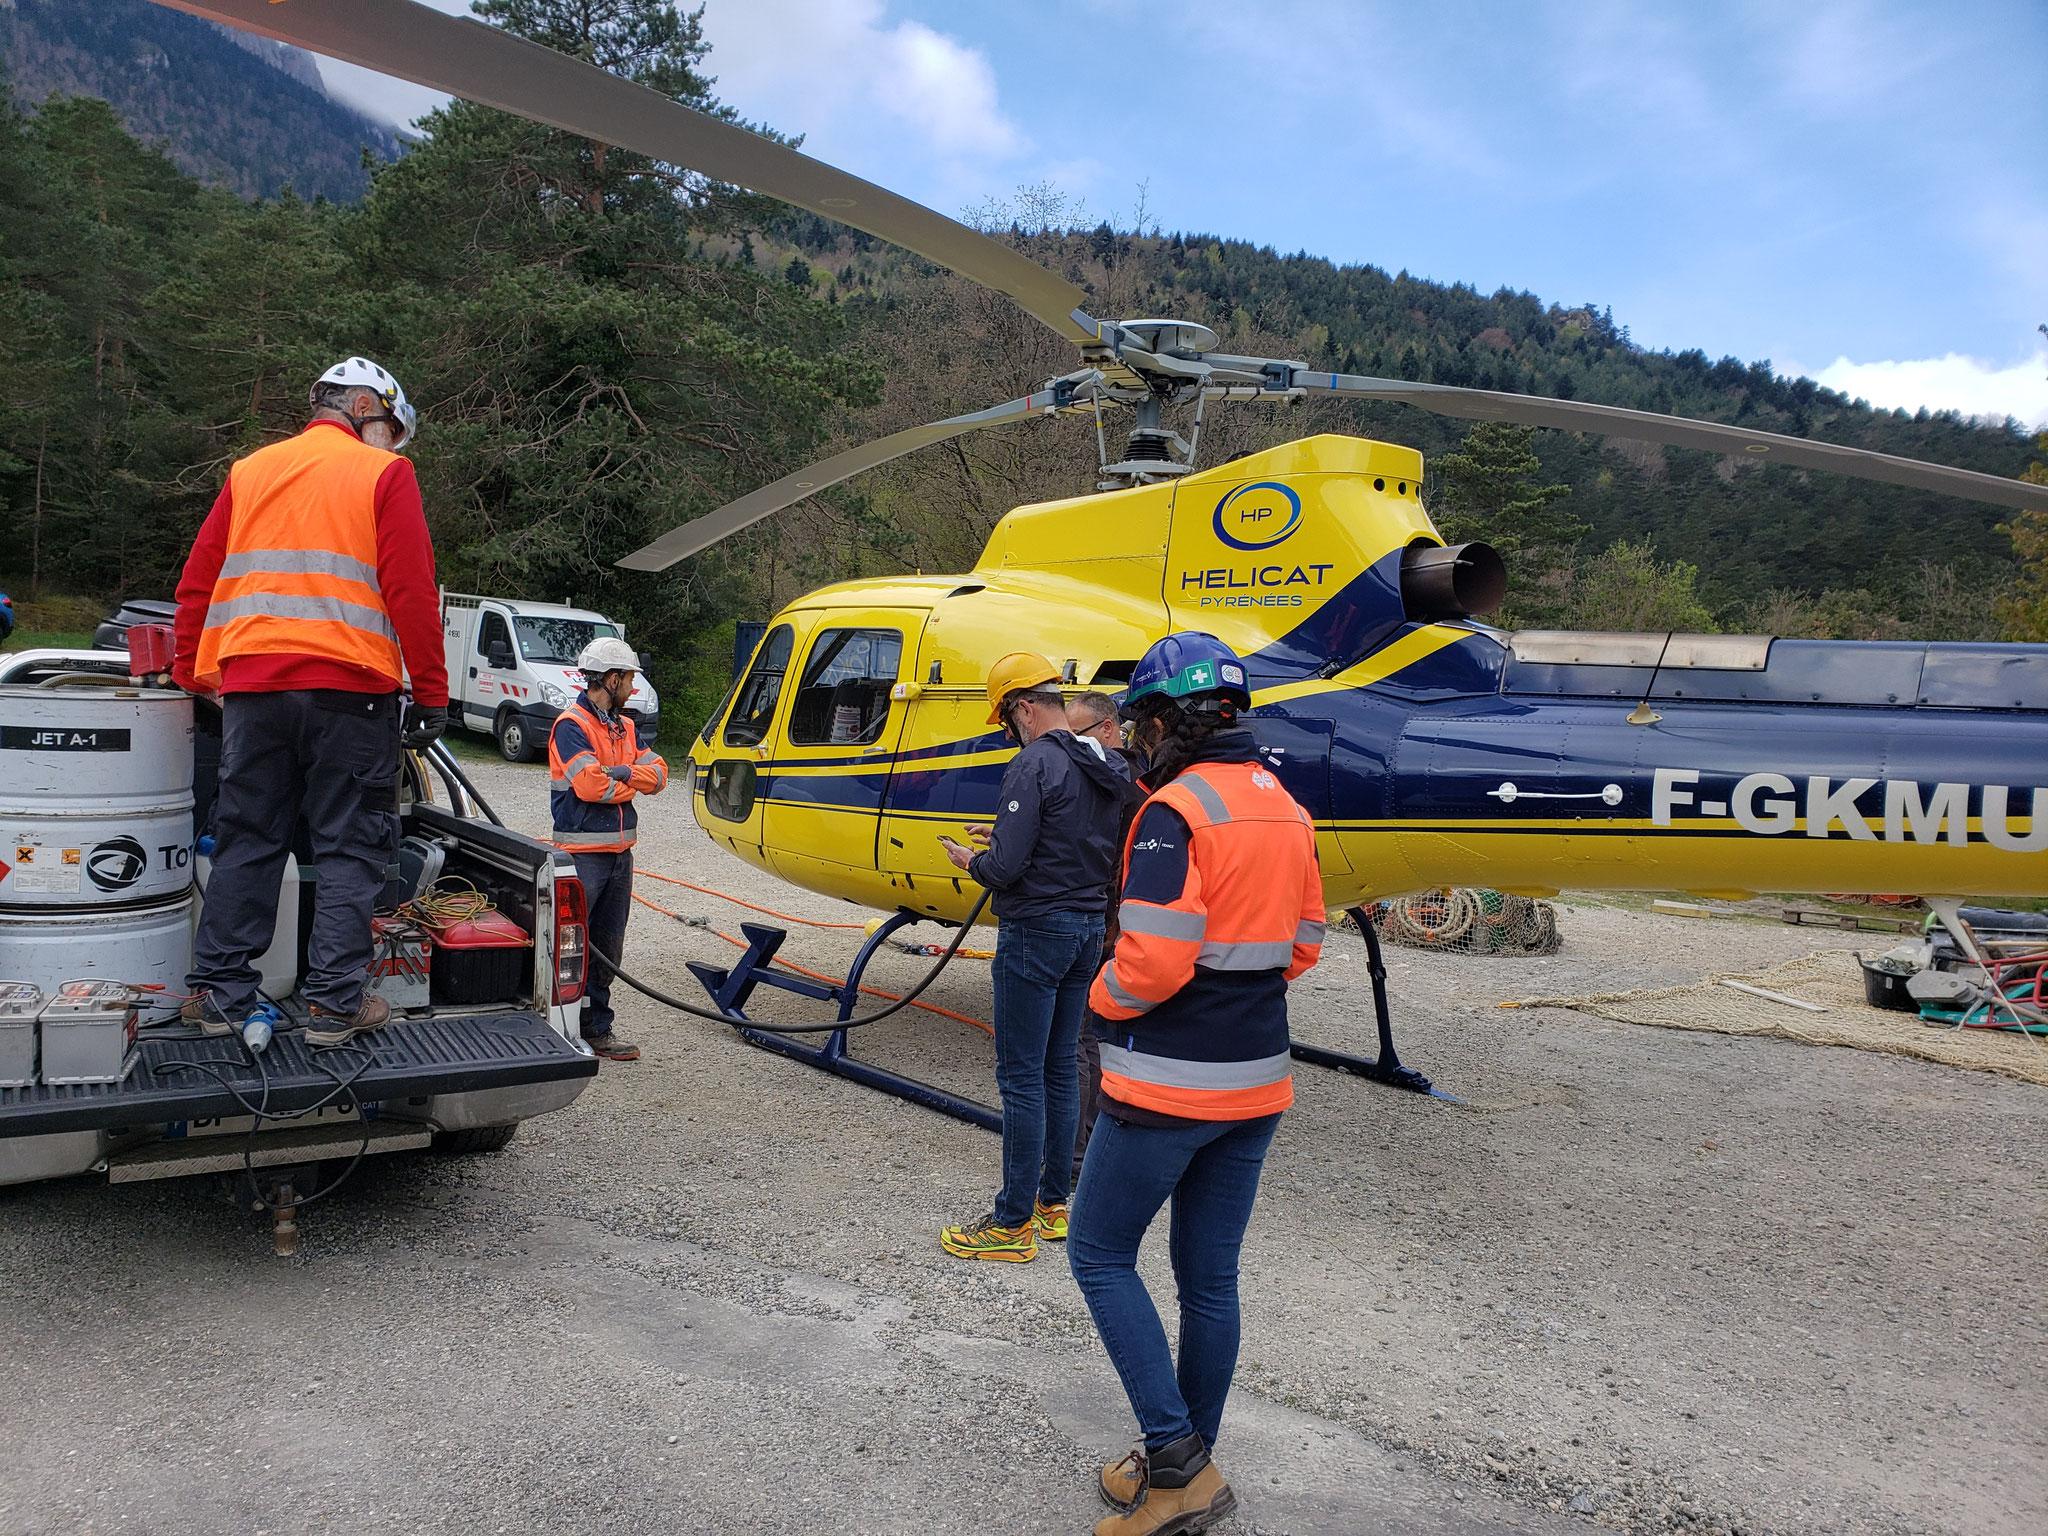 Jeudi 22 avril - Ravitaillement de l'hélicoptère pour poursuivre les opérations